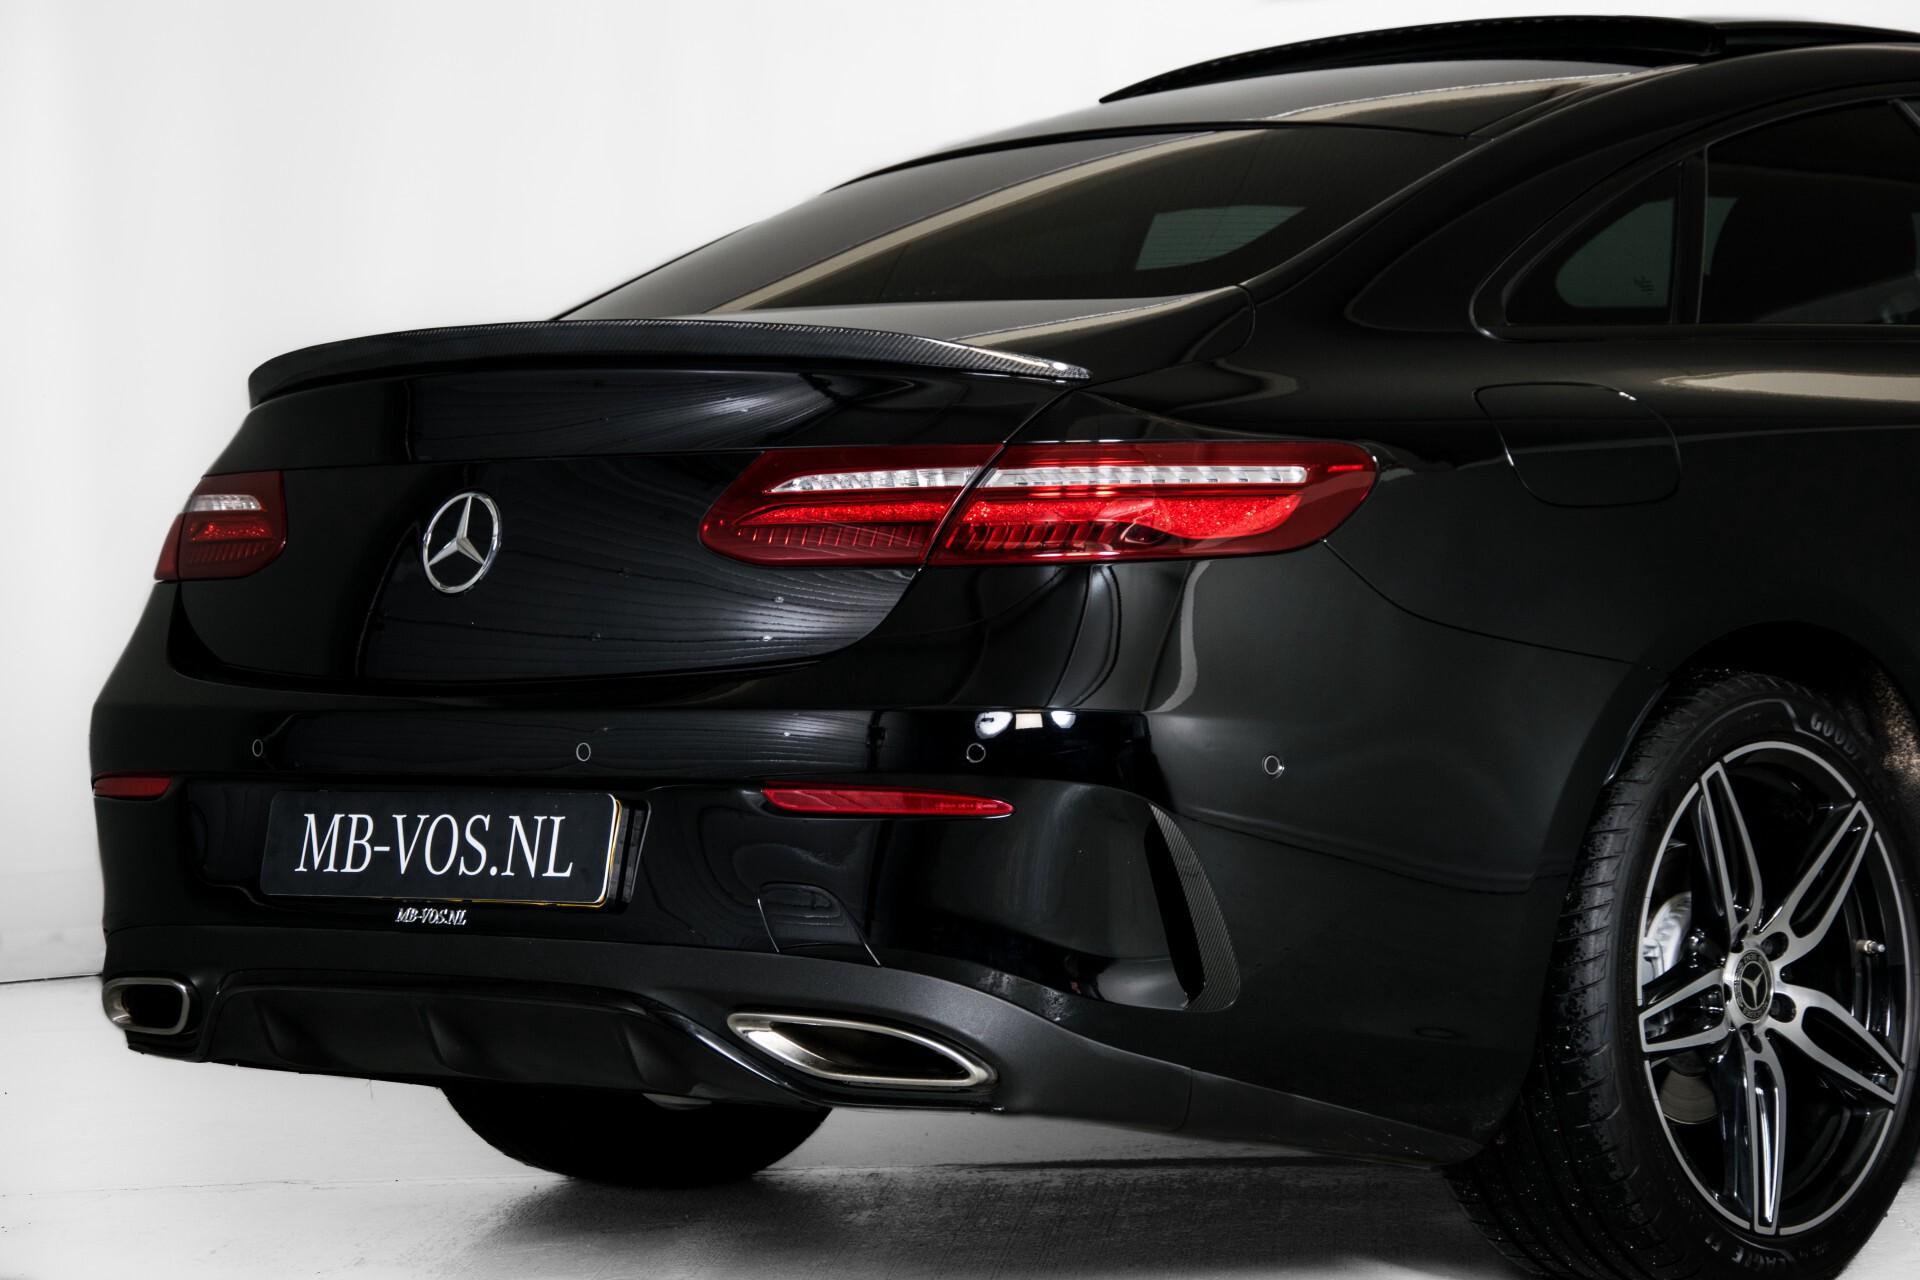 Mercedes-Benz E-Klasse Coupé 200 AMG Panorama/Night/Carbon/Premium/Widescreen/ILS Aut9 Foto 57